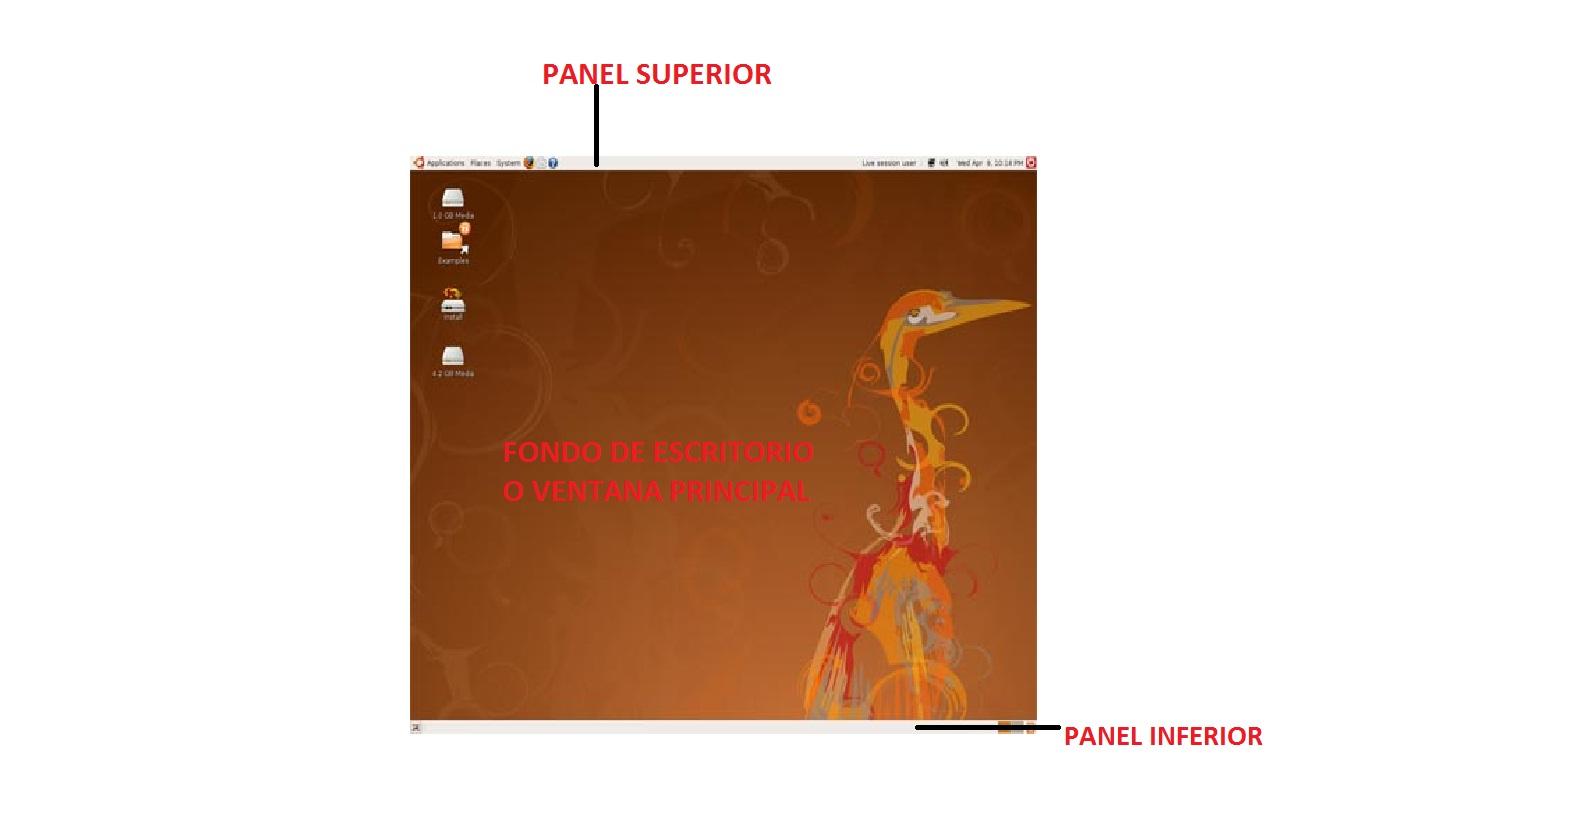 Cuaderno De Informatica De Marta Fresno: Diciembre 2010